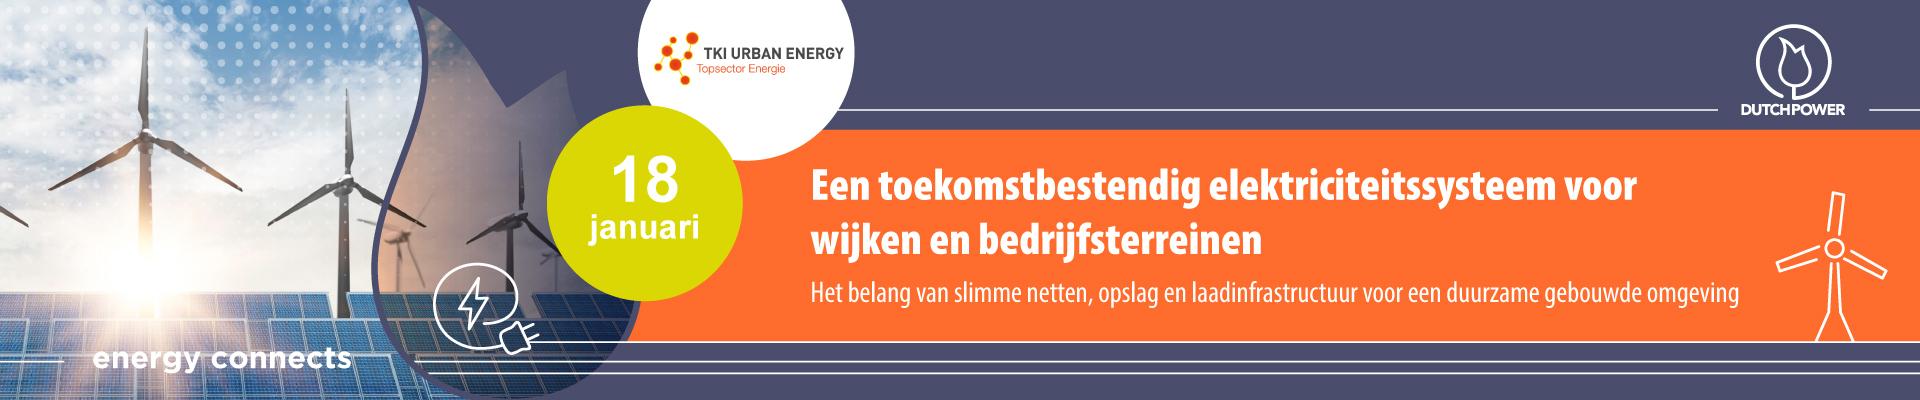 Matchmaking: Een toekomstbestendige elektriciteitssysteem voor wijken en bedrijfsterreinen